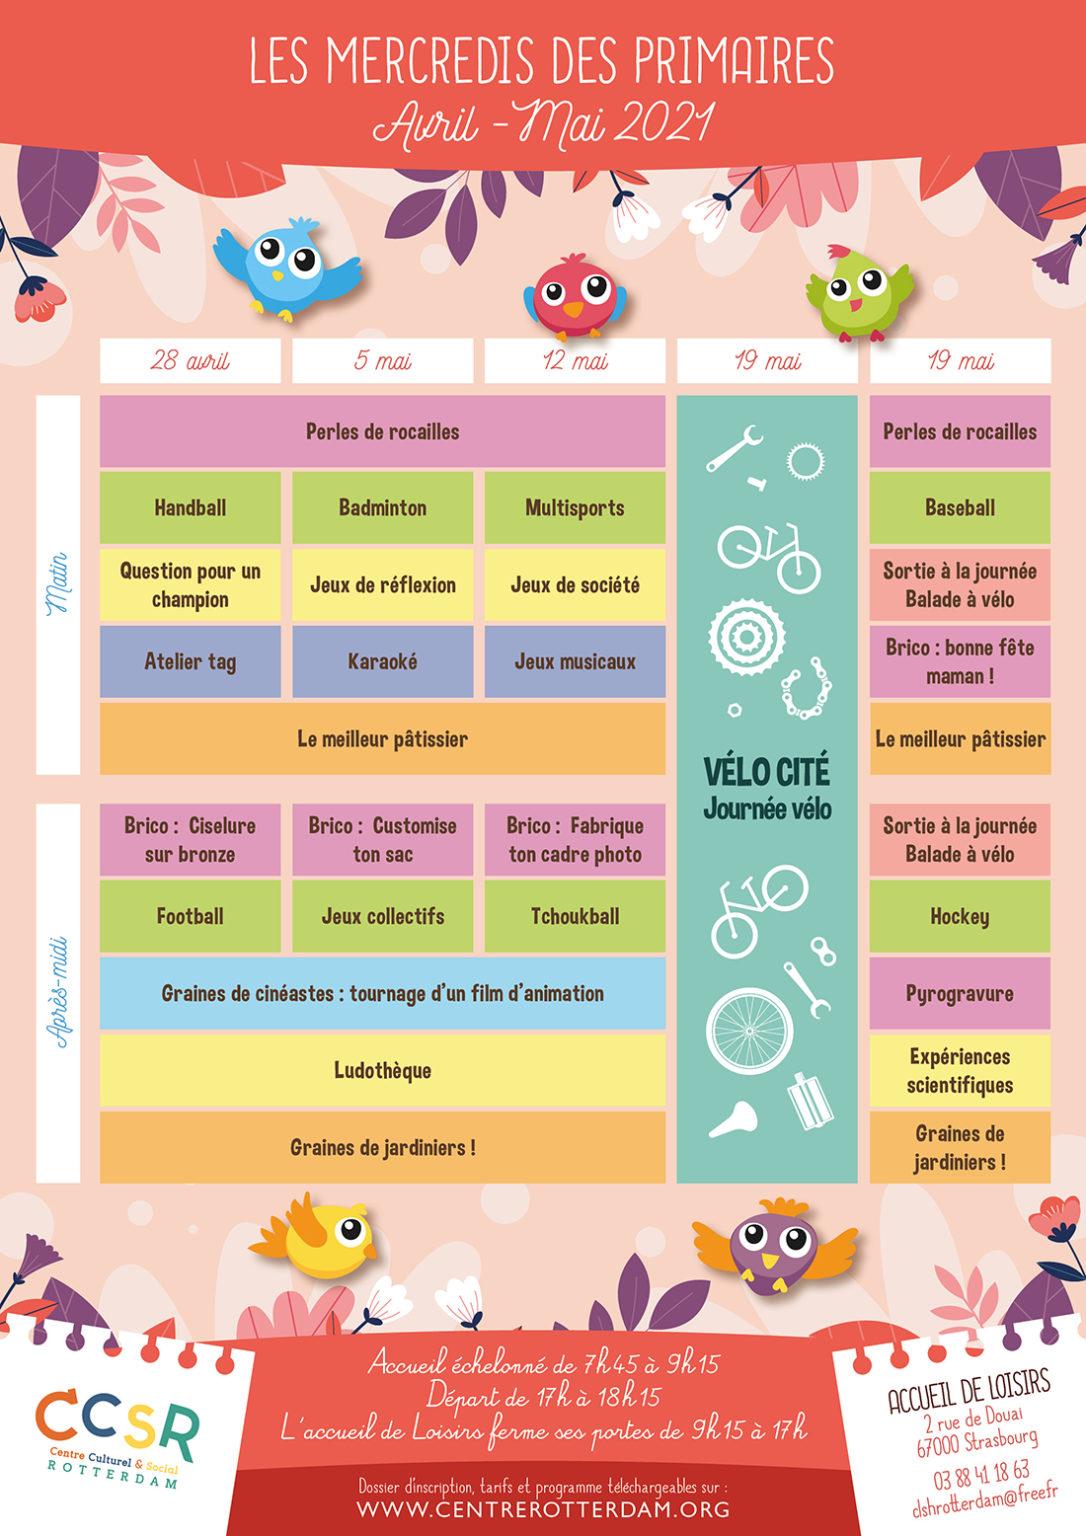 Programme - Les mercredis des primaires - Avril-Mai 2021